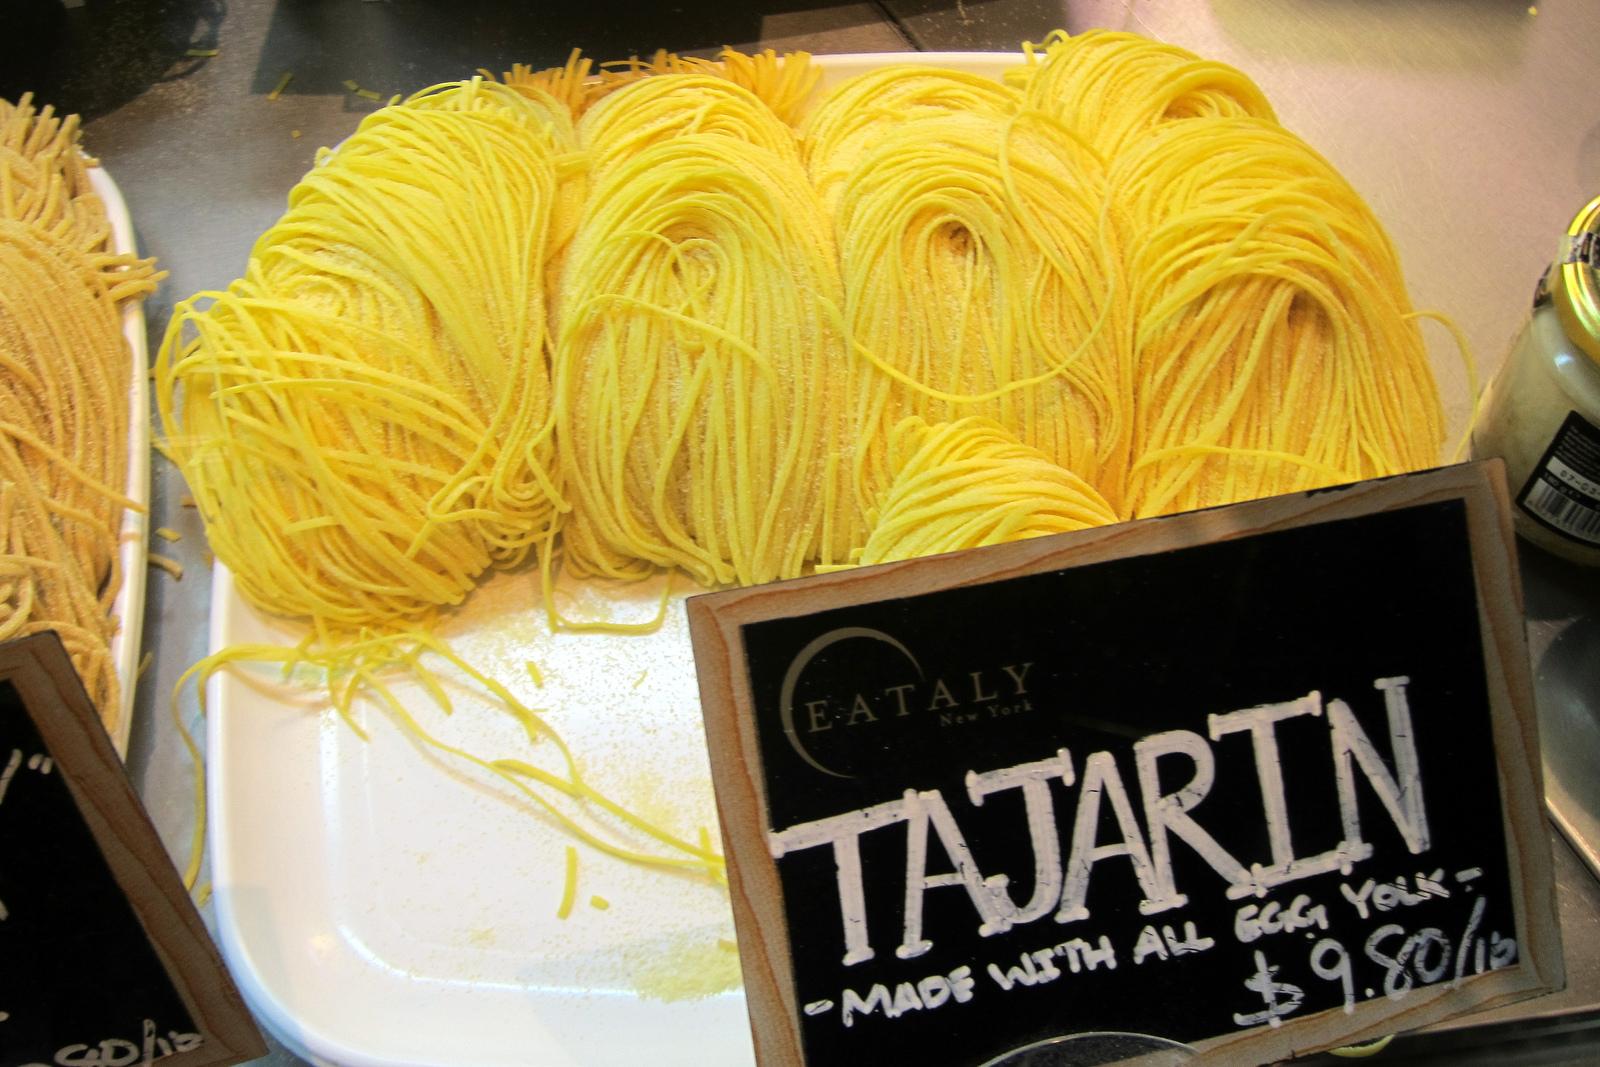 tajarin-at-eataly-ny